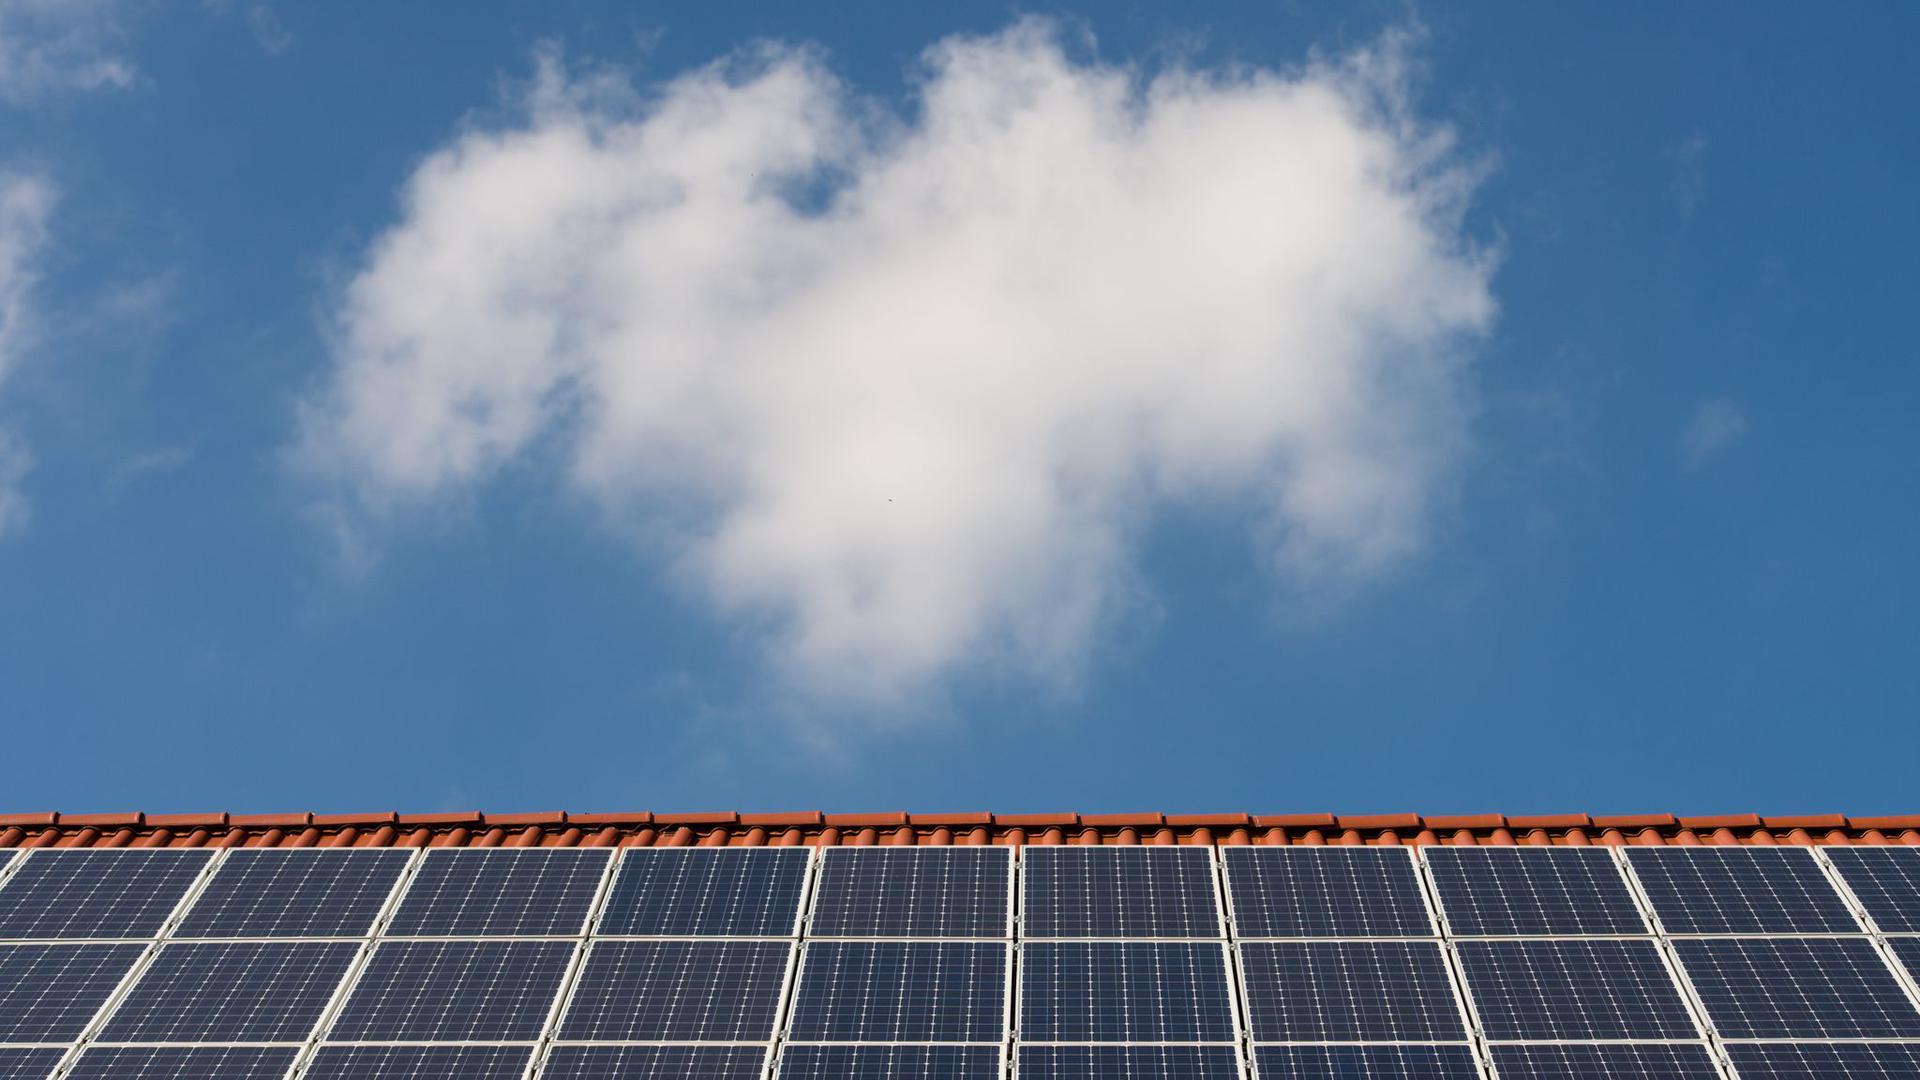 Solarzellen auf einem Ziegeldach.